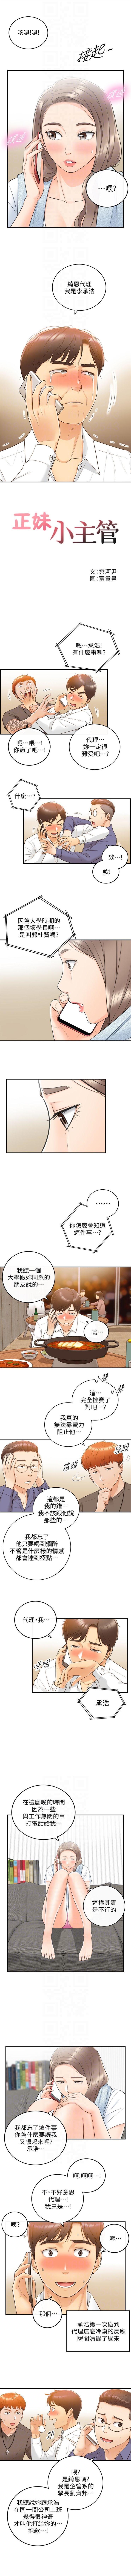 (週5)正妹小主管 1-39 中文翻譯(更新中) 53